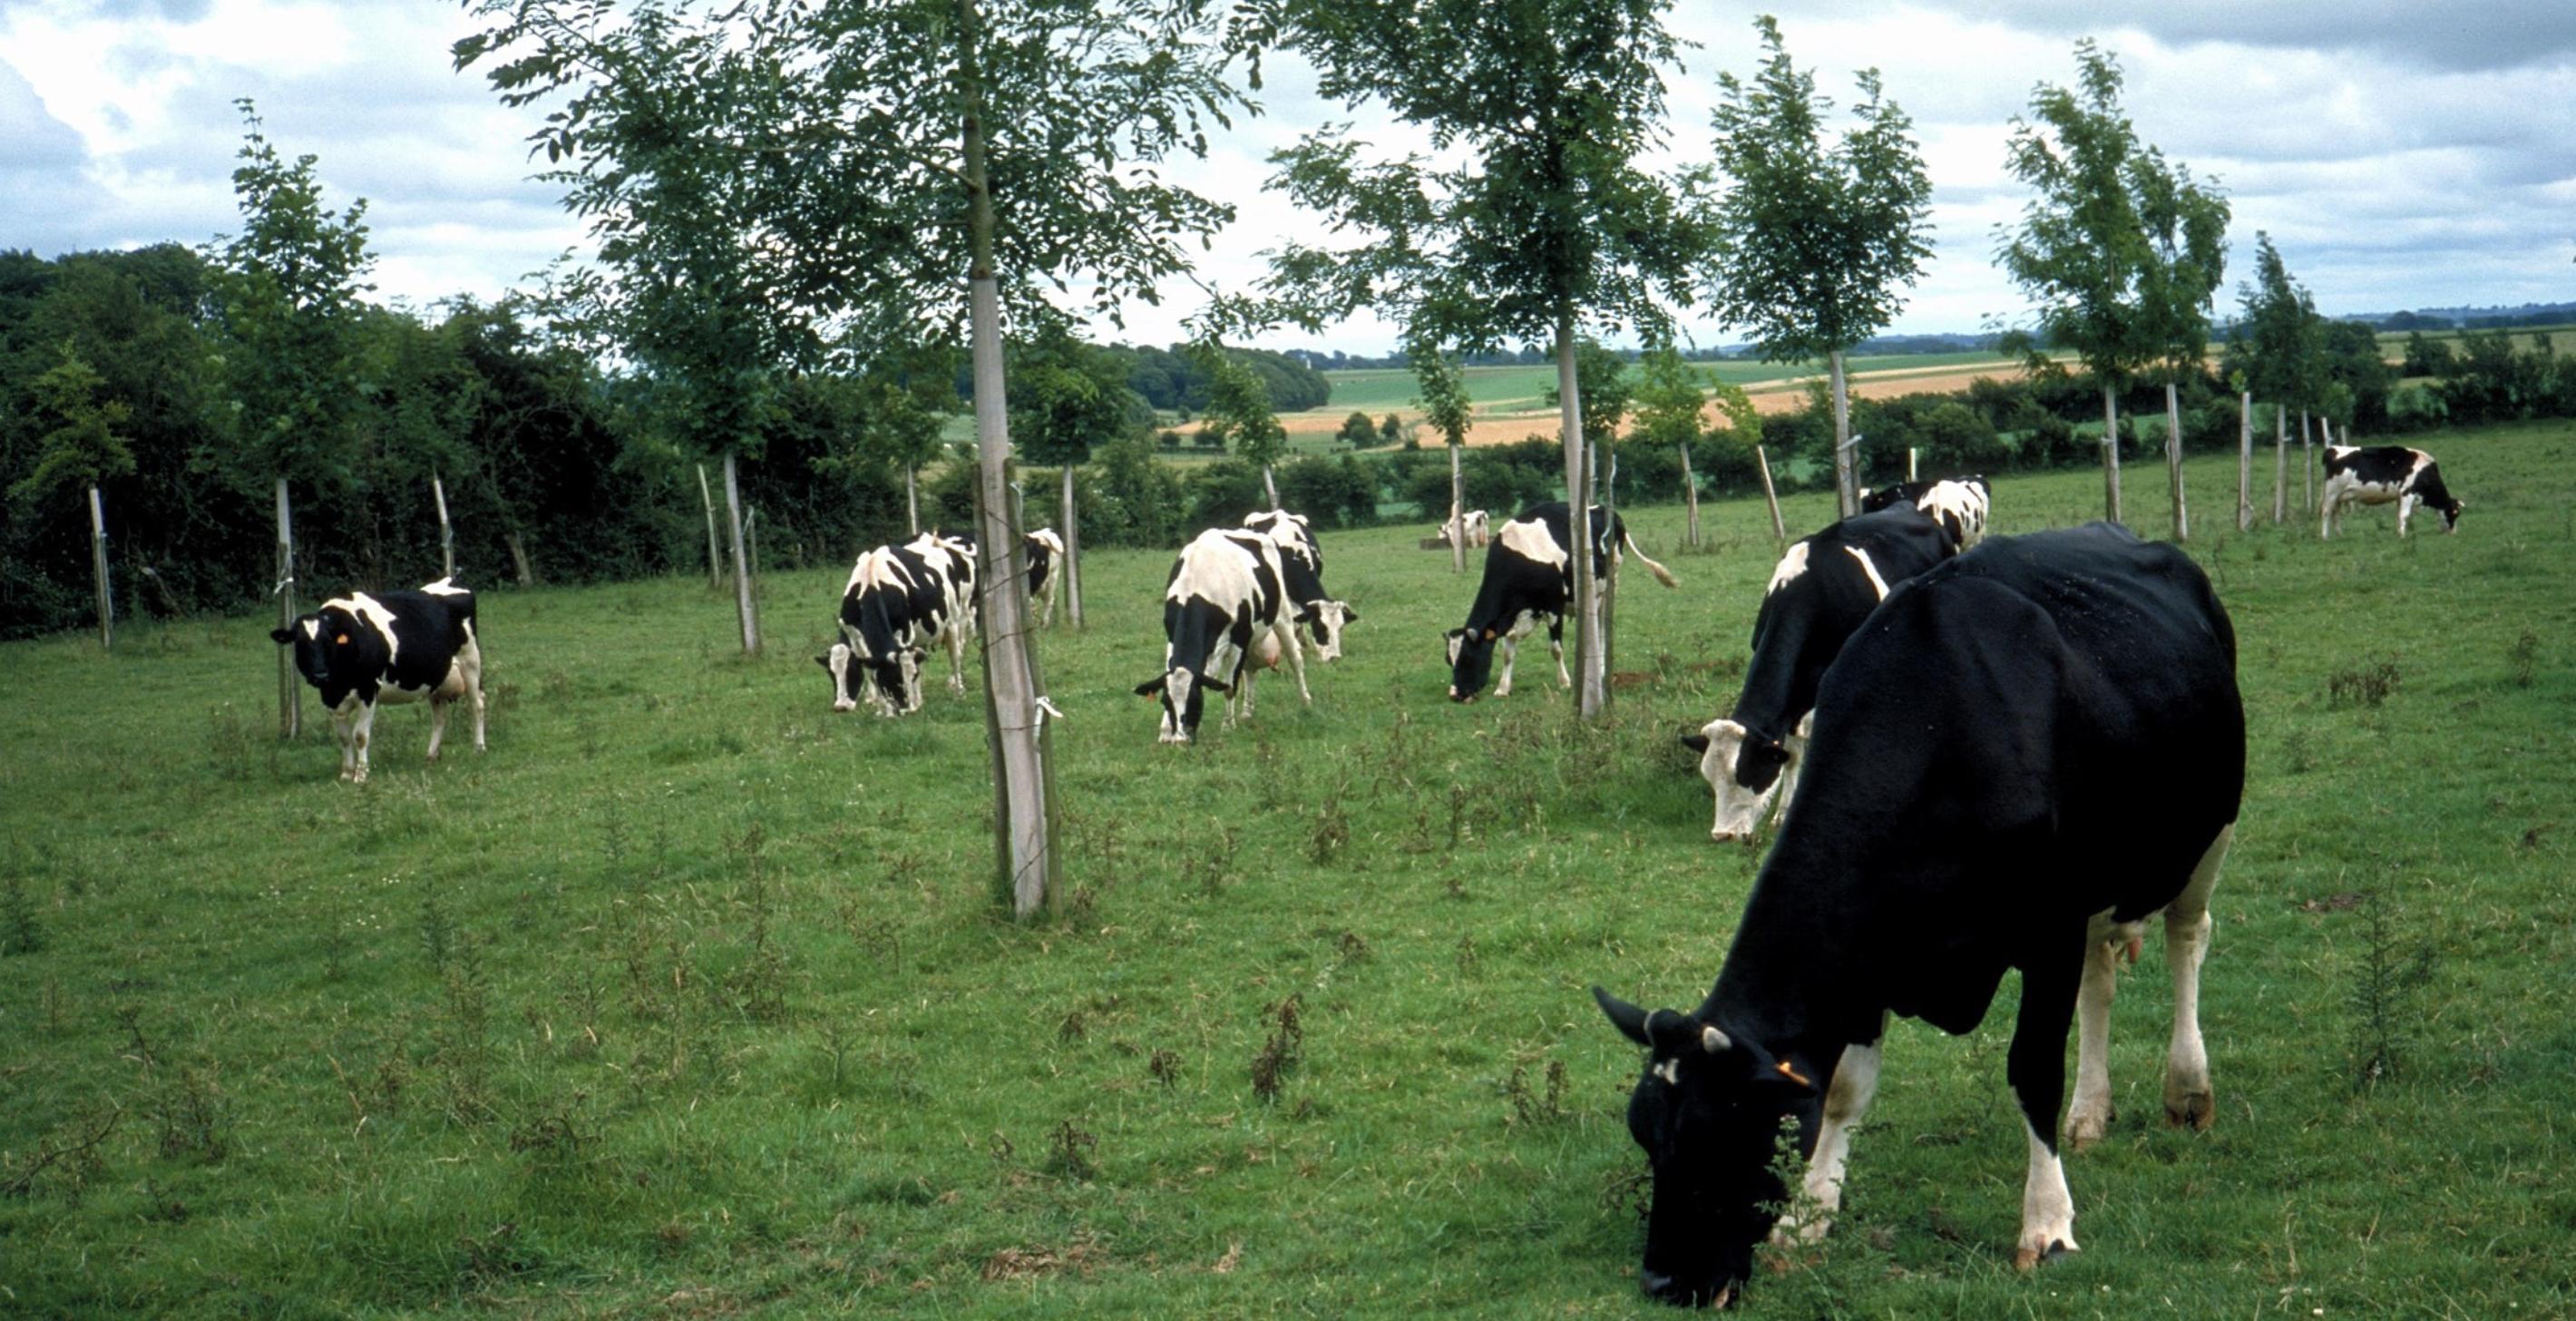 Bundestagsbeschluss: Agroforstsysteme als Öko-Regelung nun auch auf Grünland